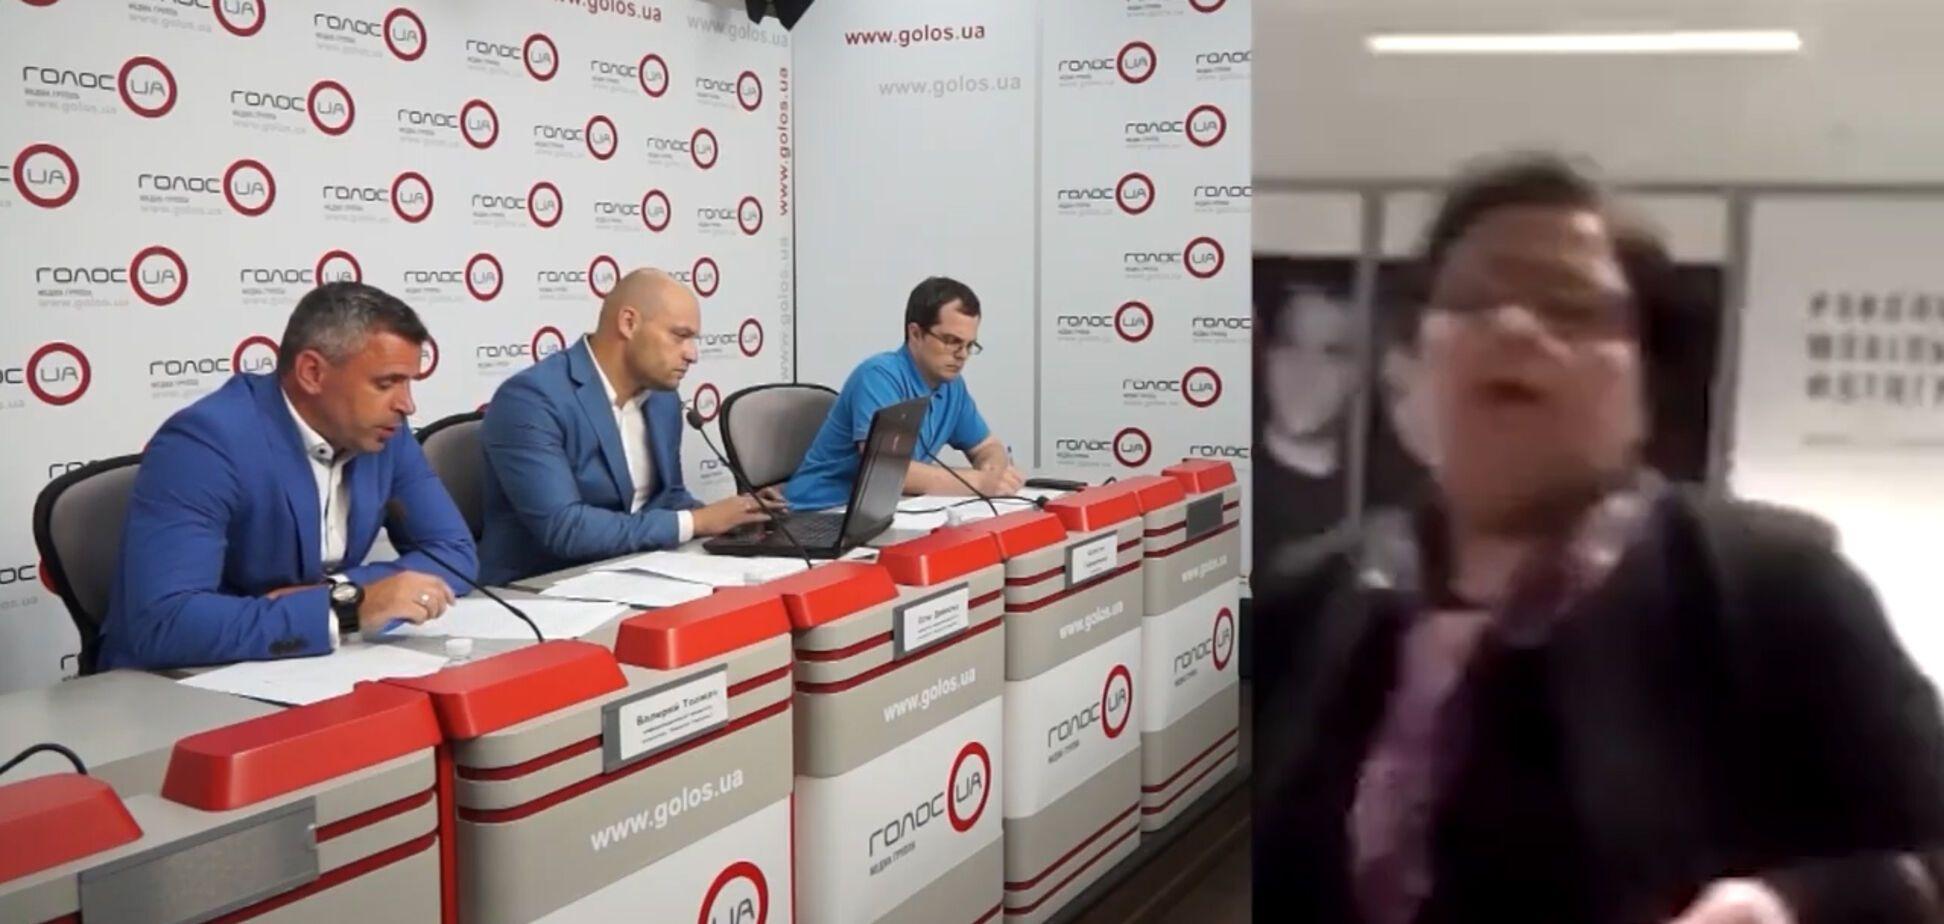 Валерій Товмач: українсько-грузинський 'Уотергейт' або Ритуальная жертва 'Реформаторов' (прес-конференція)